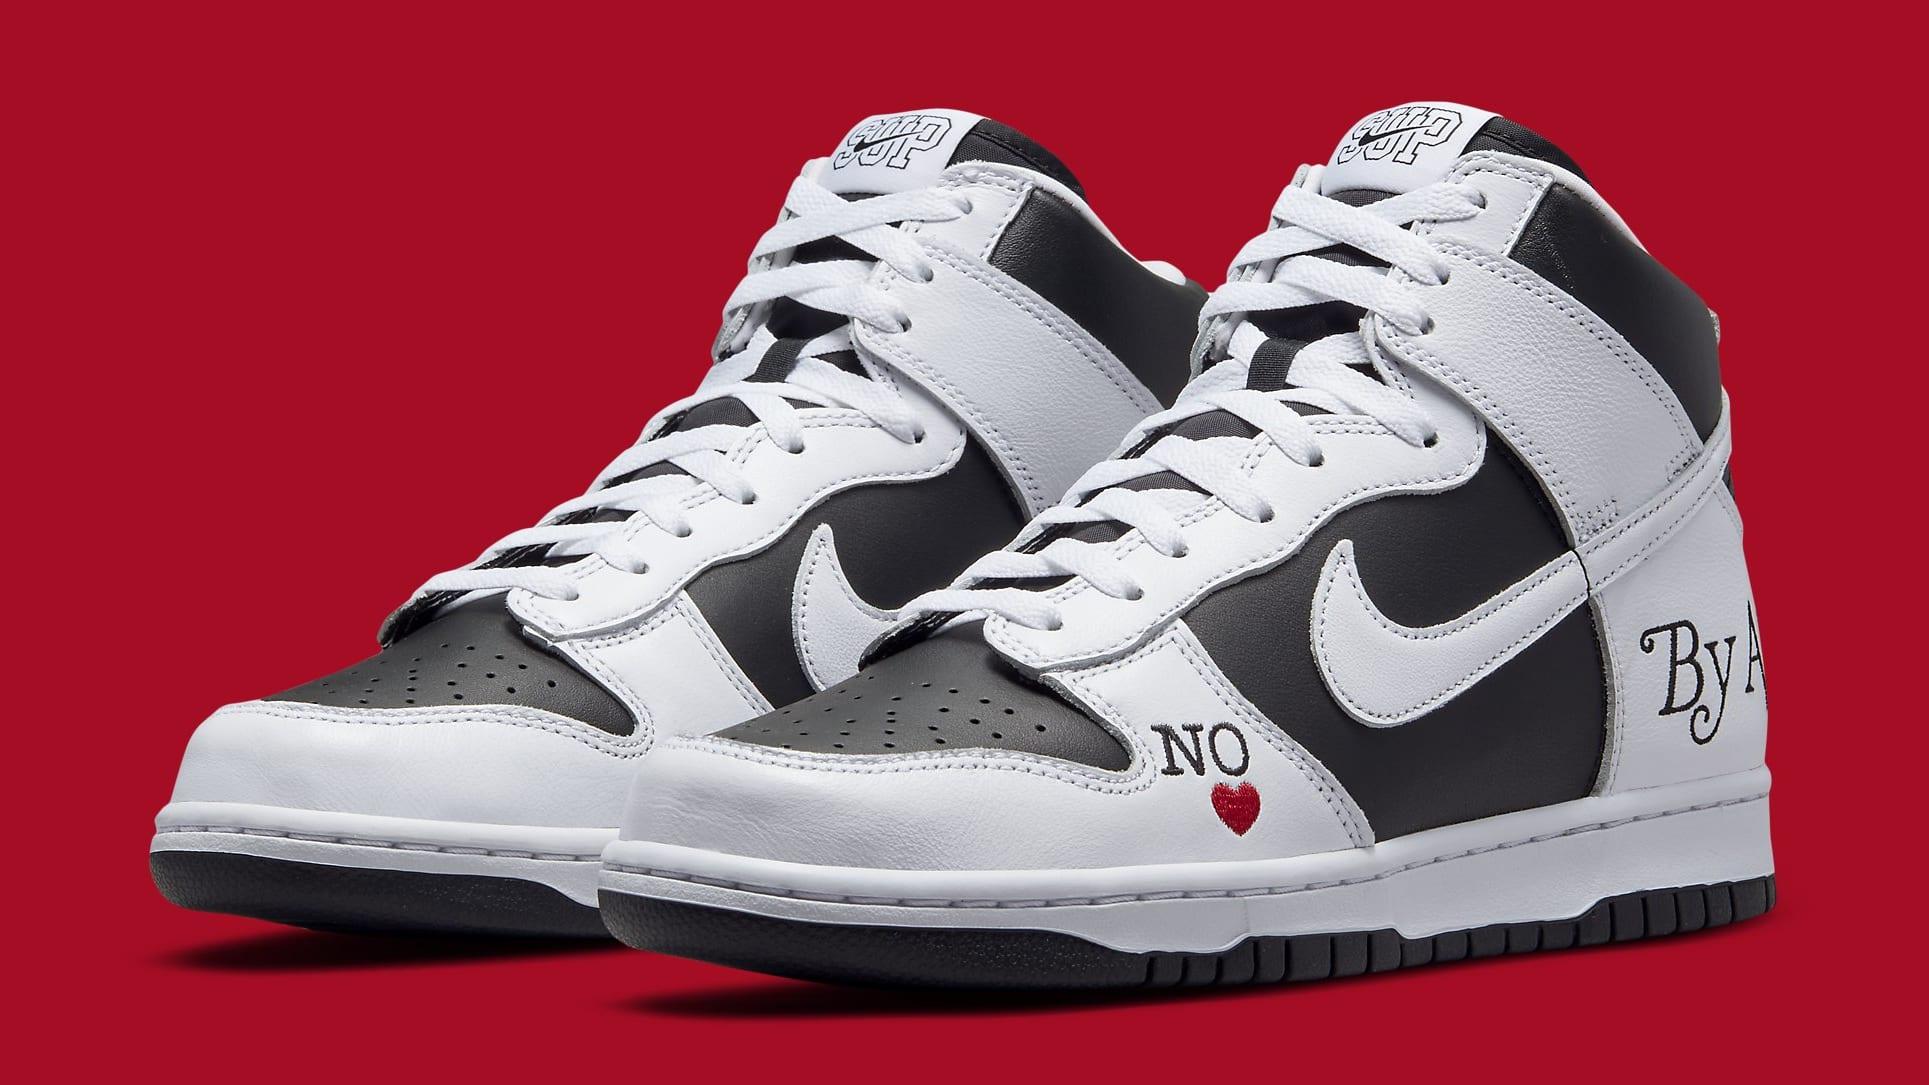 Supreme x Nike SB Dunk High White/Black DN3741-002 Pair